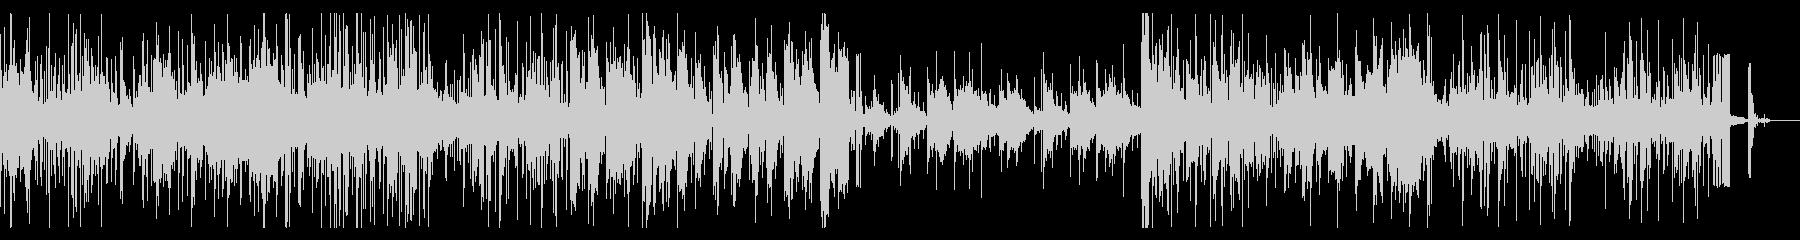 グリッジな実験音楽風ファンクIDMの未再生の波形